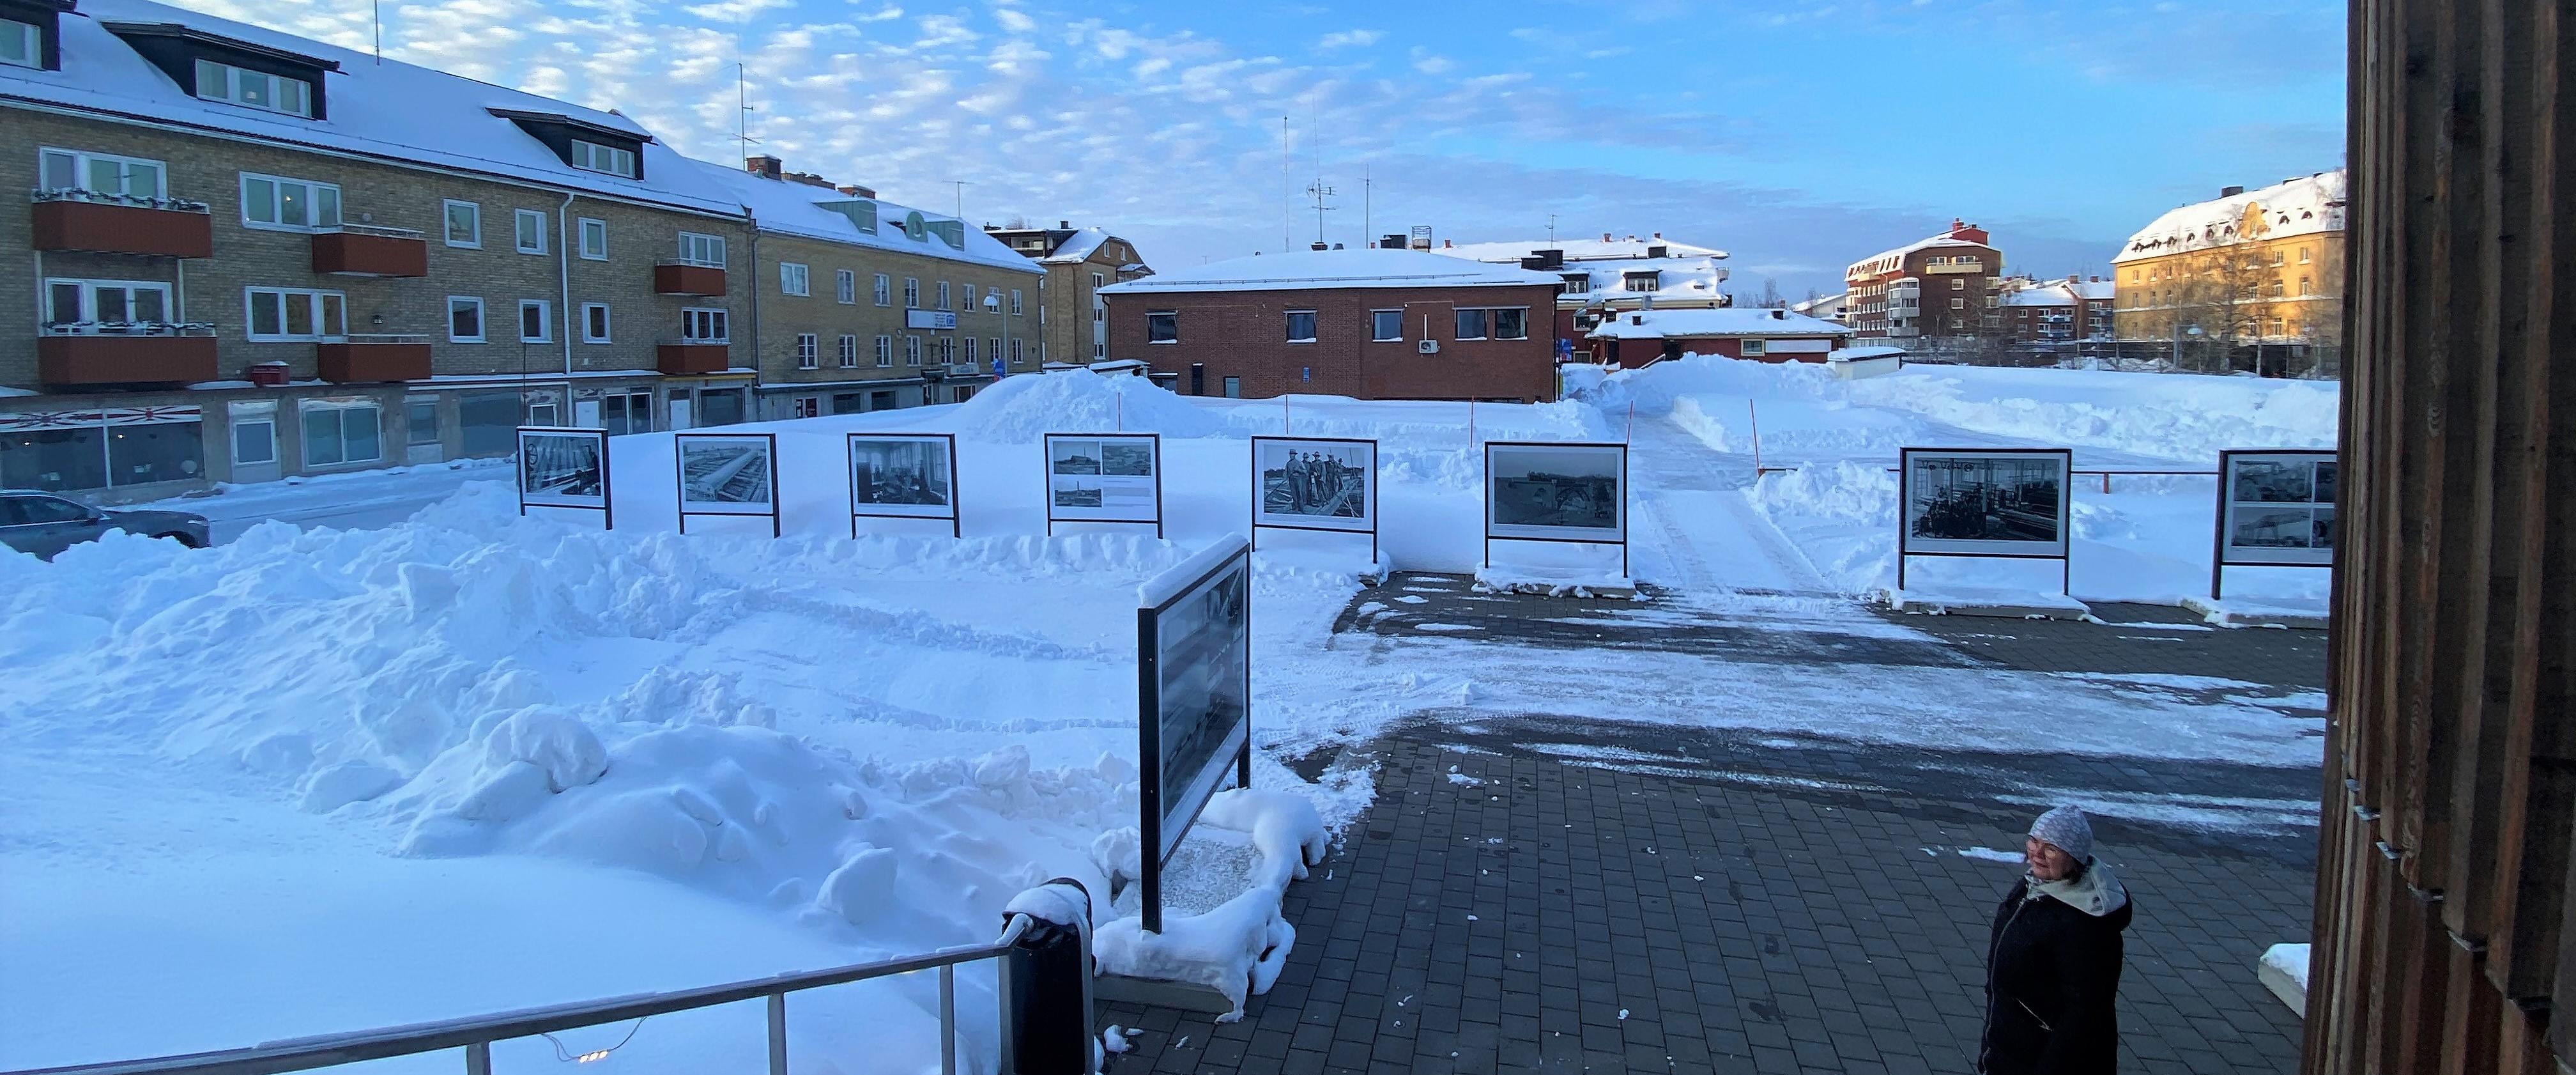 Utsikt från pulkabacken över vinterdäcket mitt i Piteå